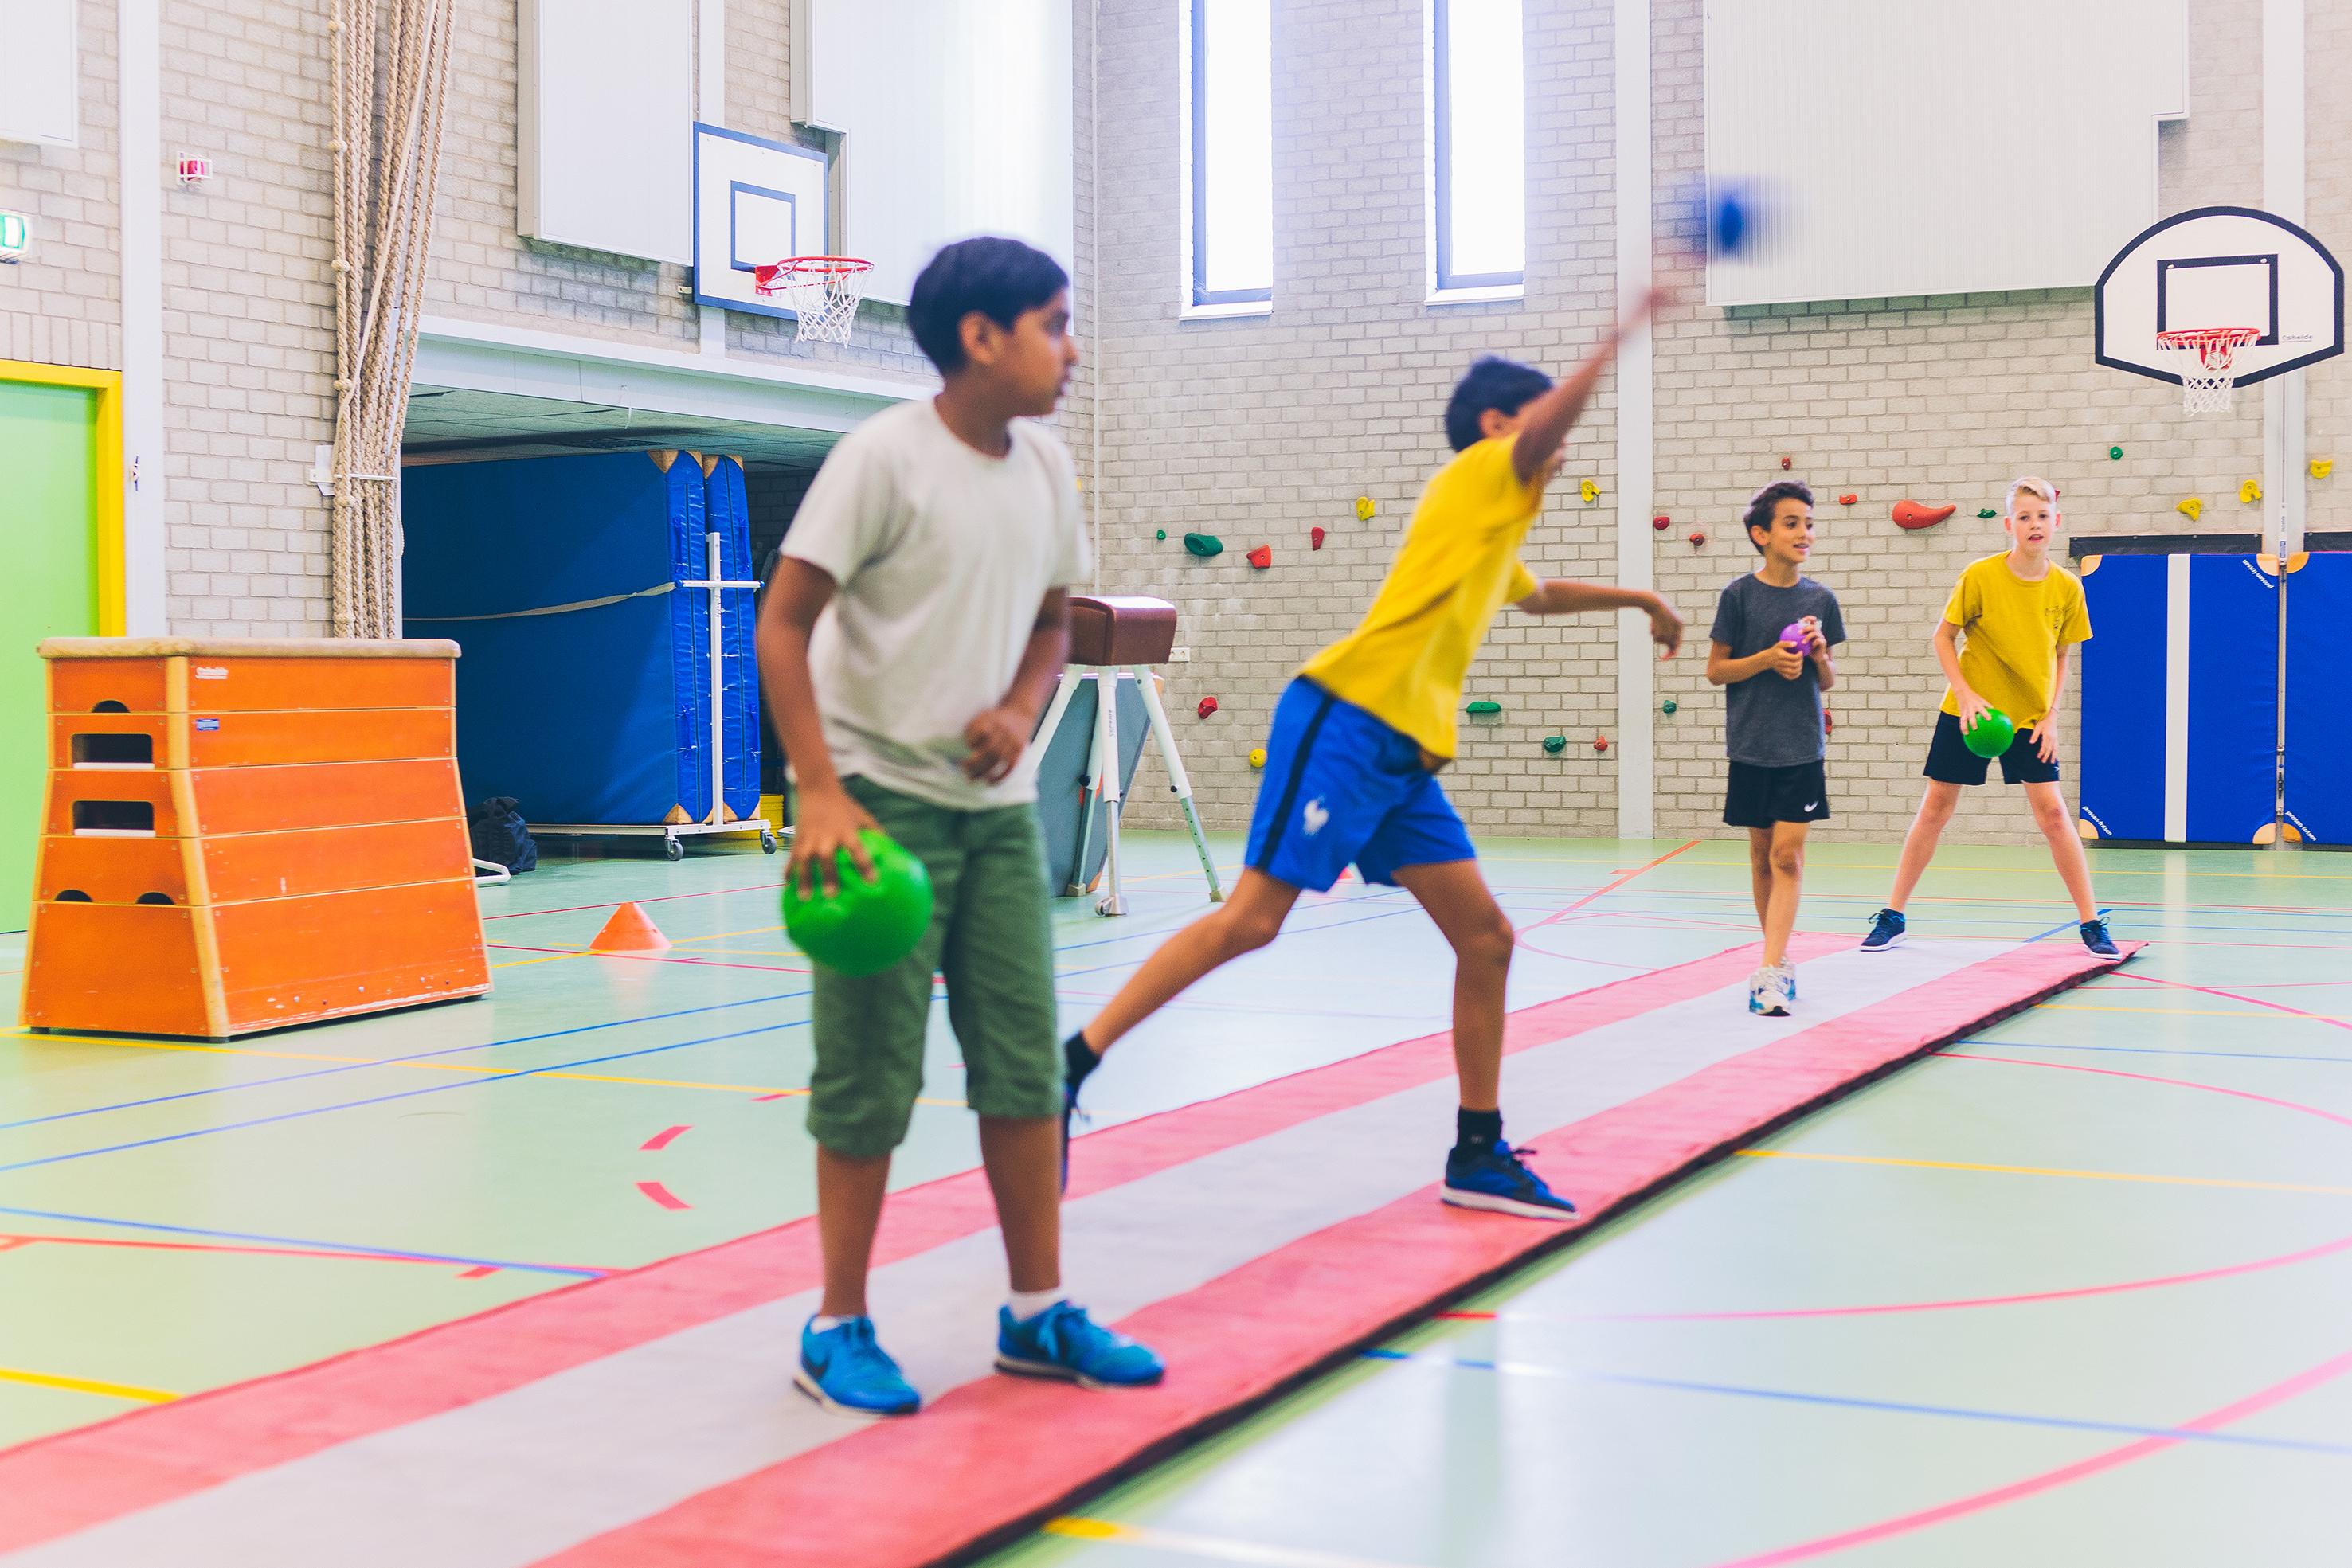 Trefbal is een van de sporten die tijdens de lessen aan bod komen. (FOTO: AANGELEVERD)